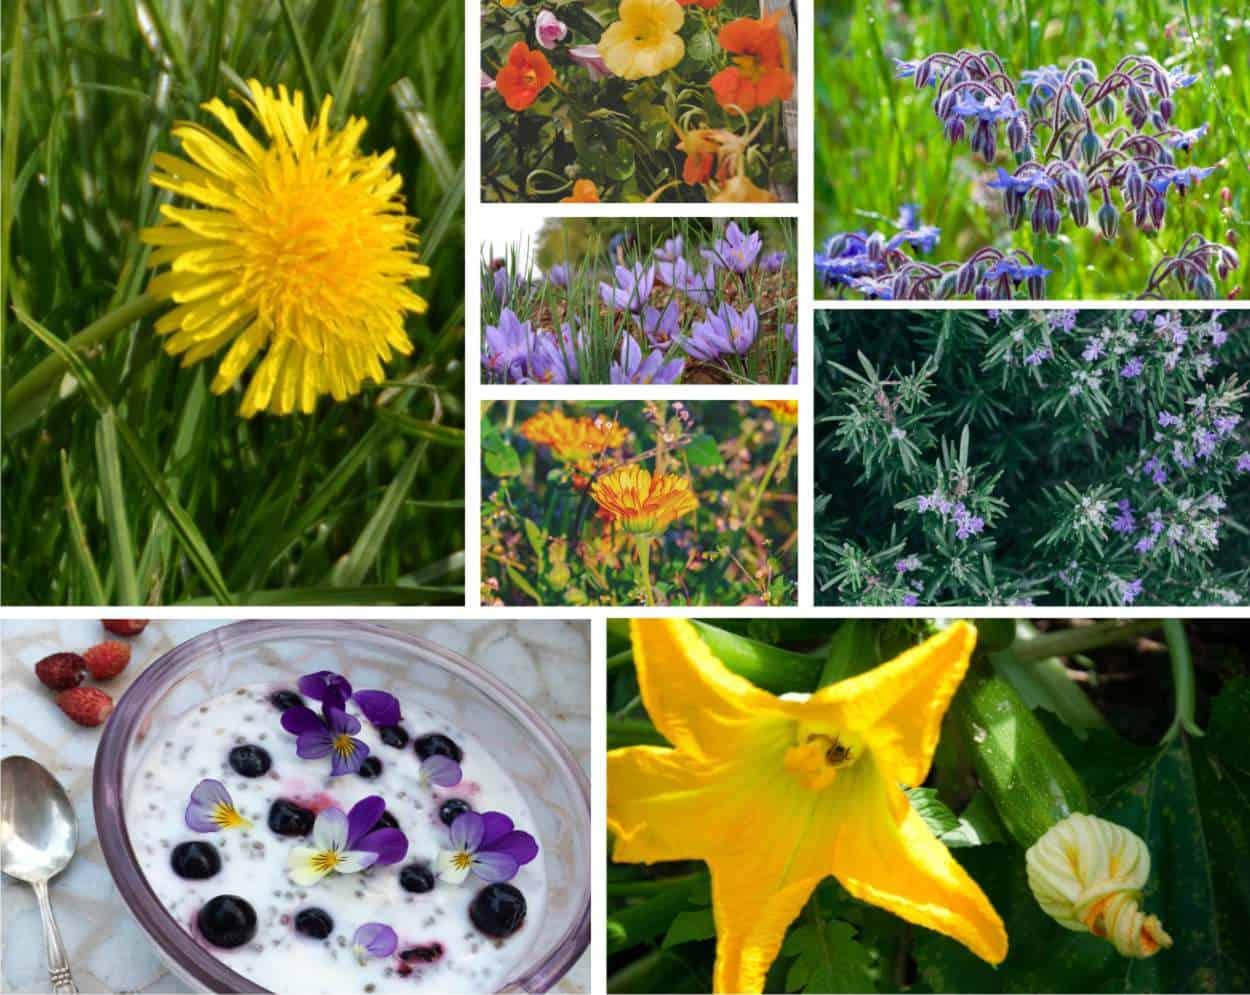 Fiori Da Piantare Nell Orto fiori da mangiare: un elenco di fiori commestibili